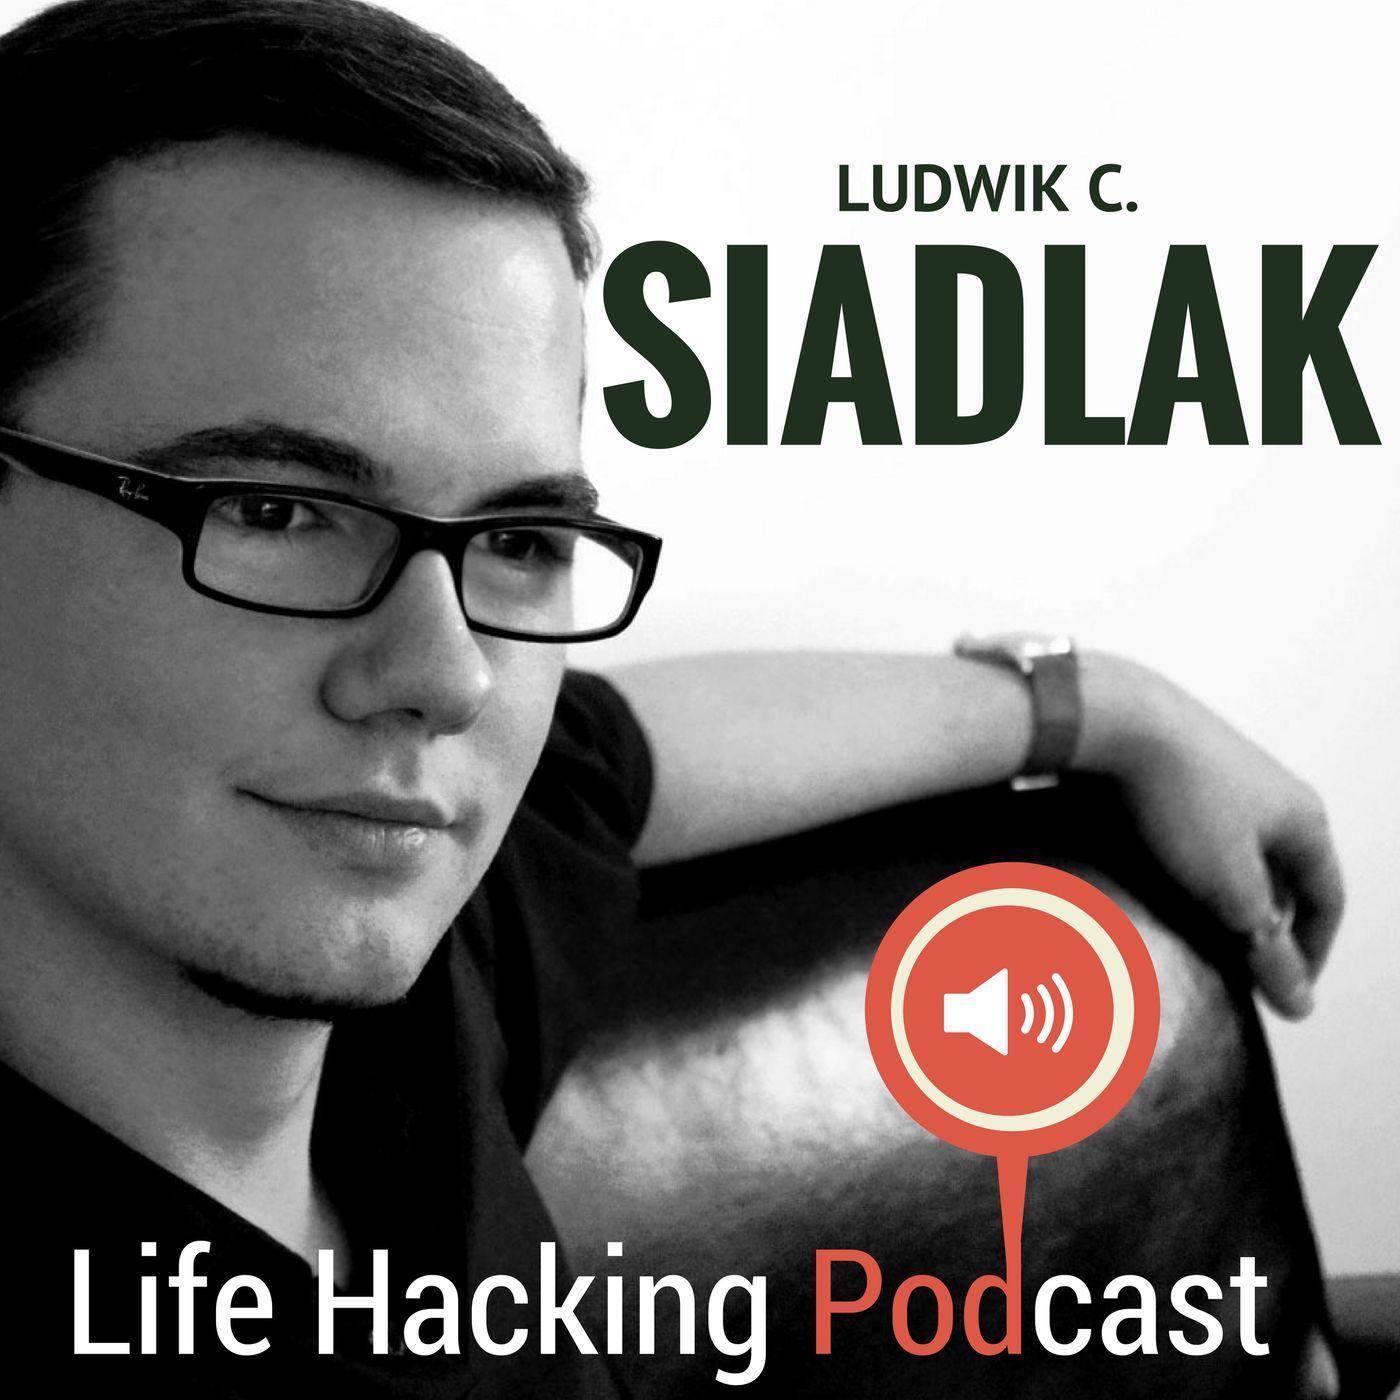 #024: Dlaczego warto dobrze zarabiać? - Life Hacking Podcast